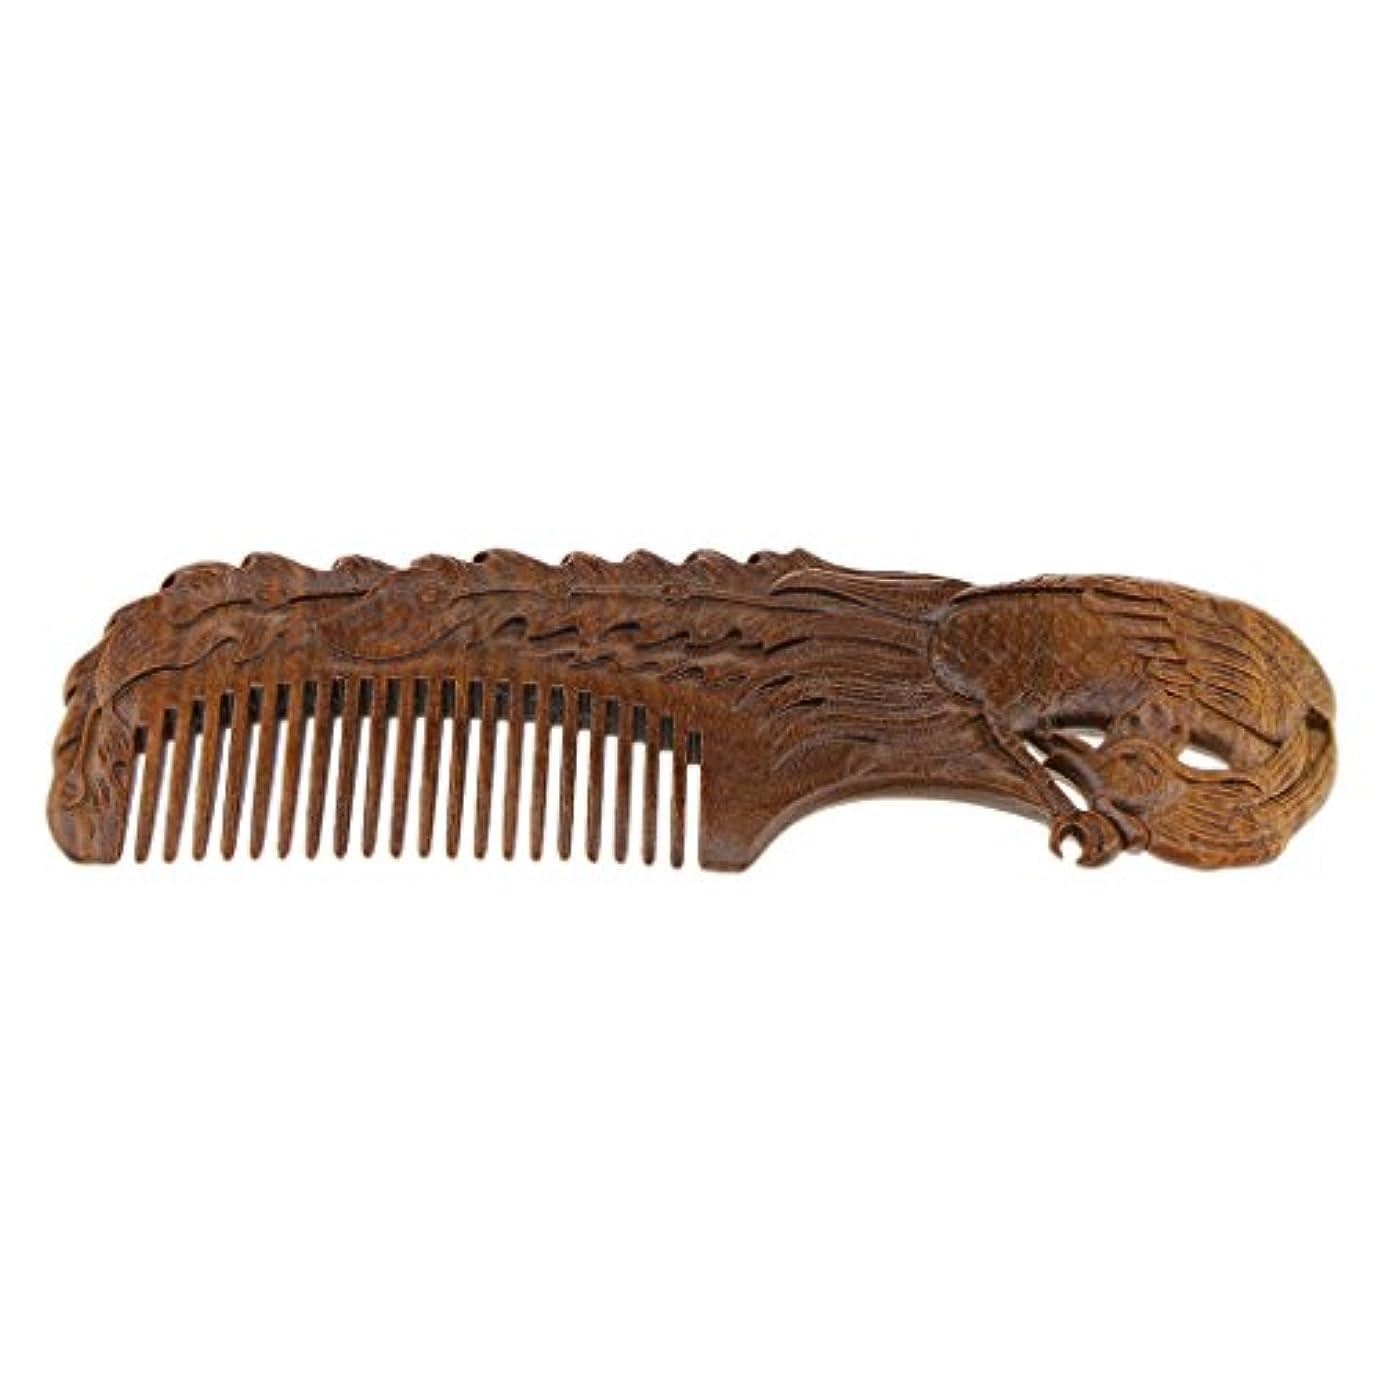 不注意溶岩レンダリングウッドコーム 木製コーム 木製櫛 ヘアブラシ ヘアコーム 滑らかな歯 頭皮マッサージ 全2種類選択 - Phoenix